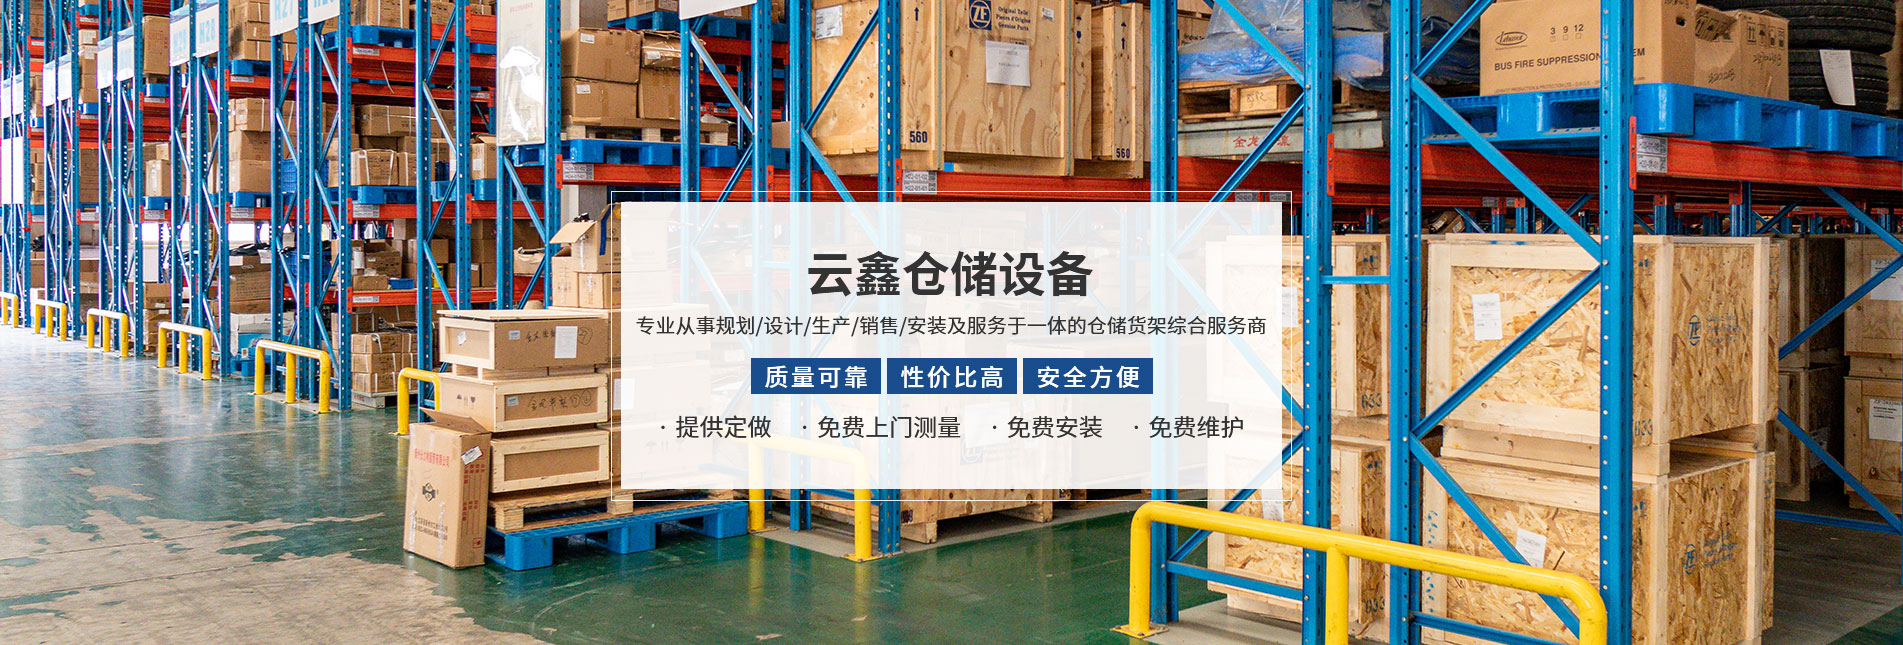 重庆货架平台